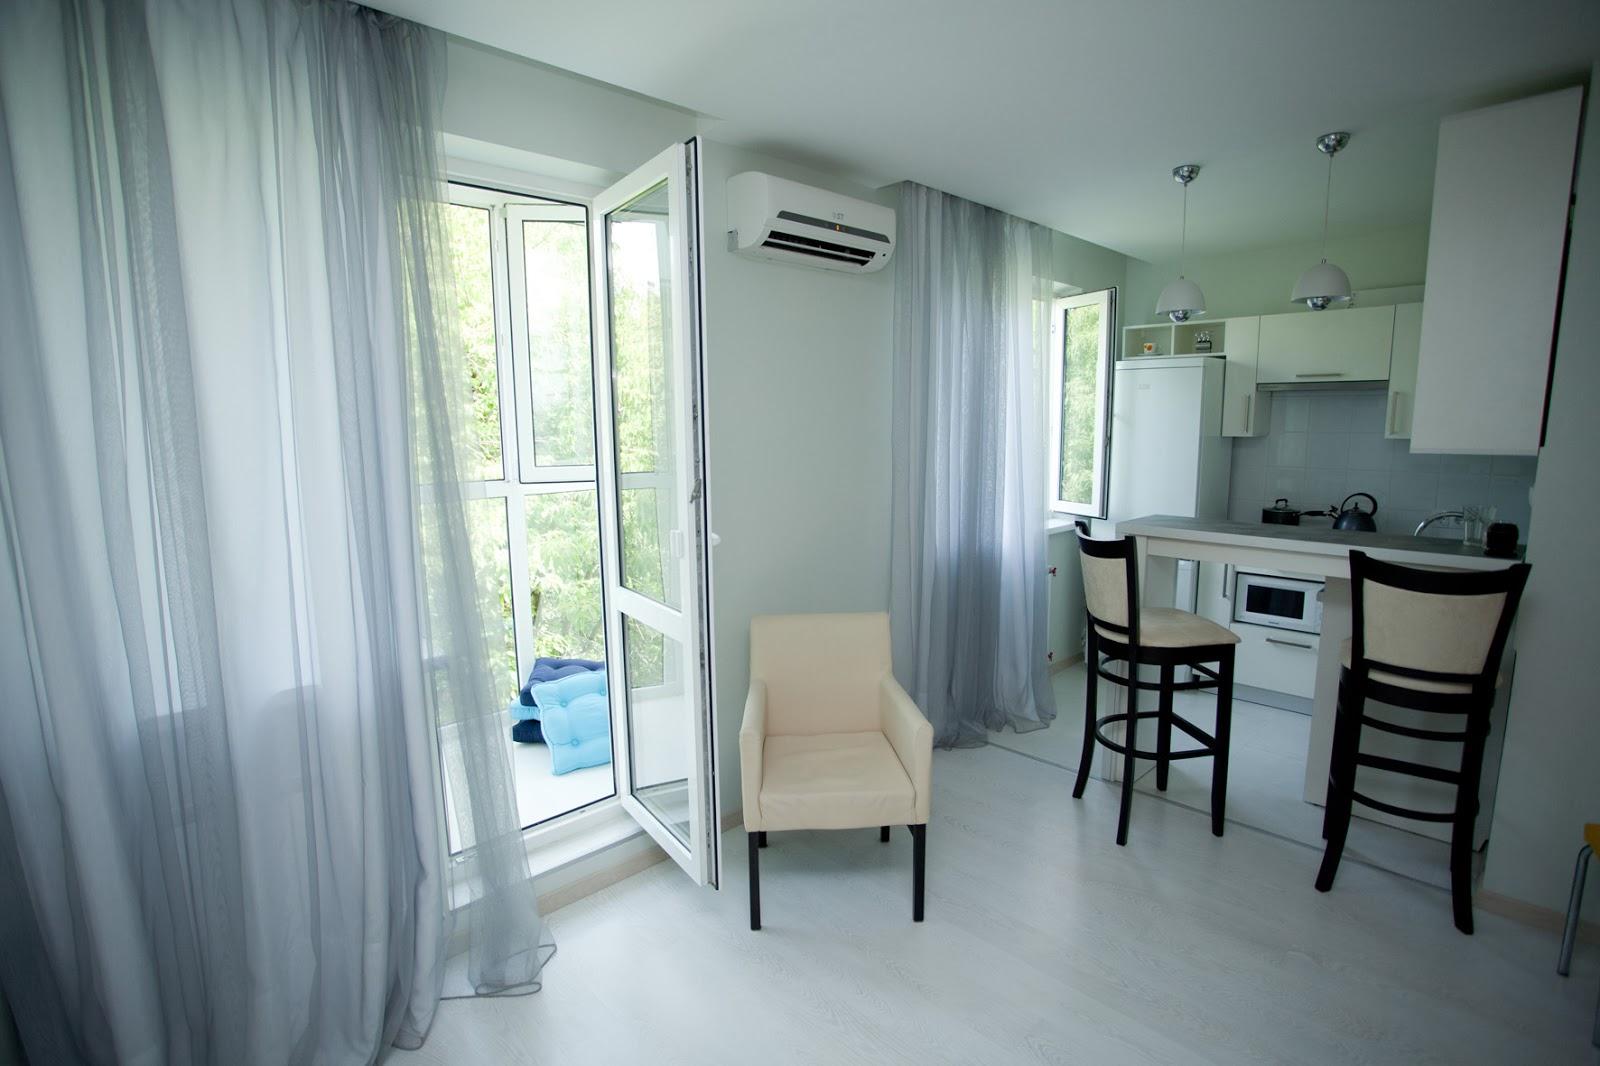 Дизайн интерьера и ремонт квартир: дизайн интерьера однокомн.